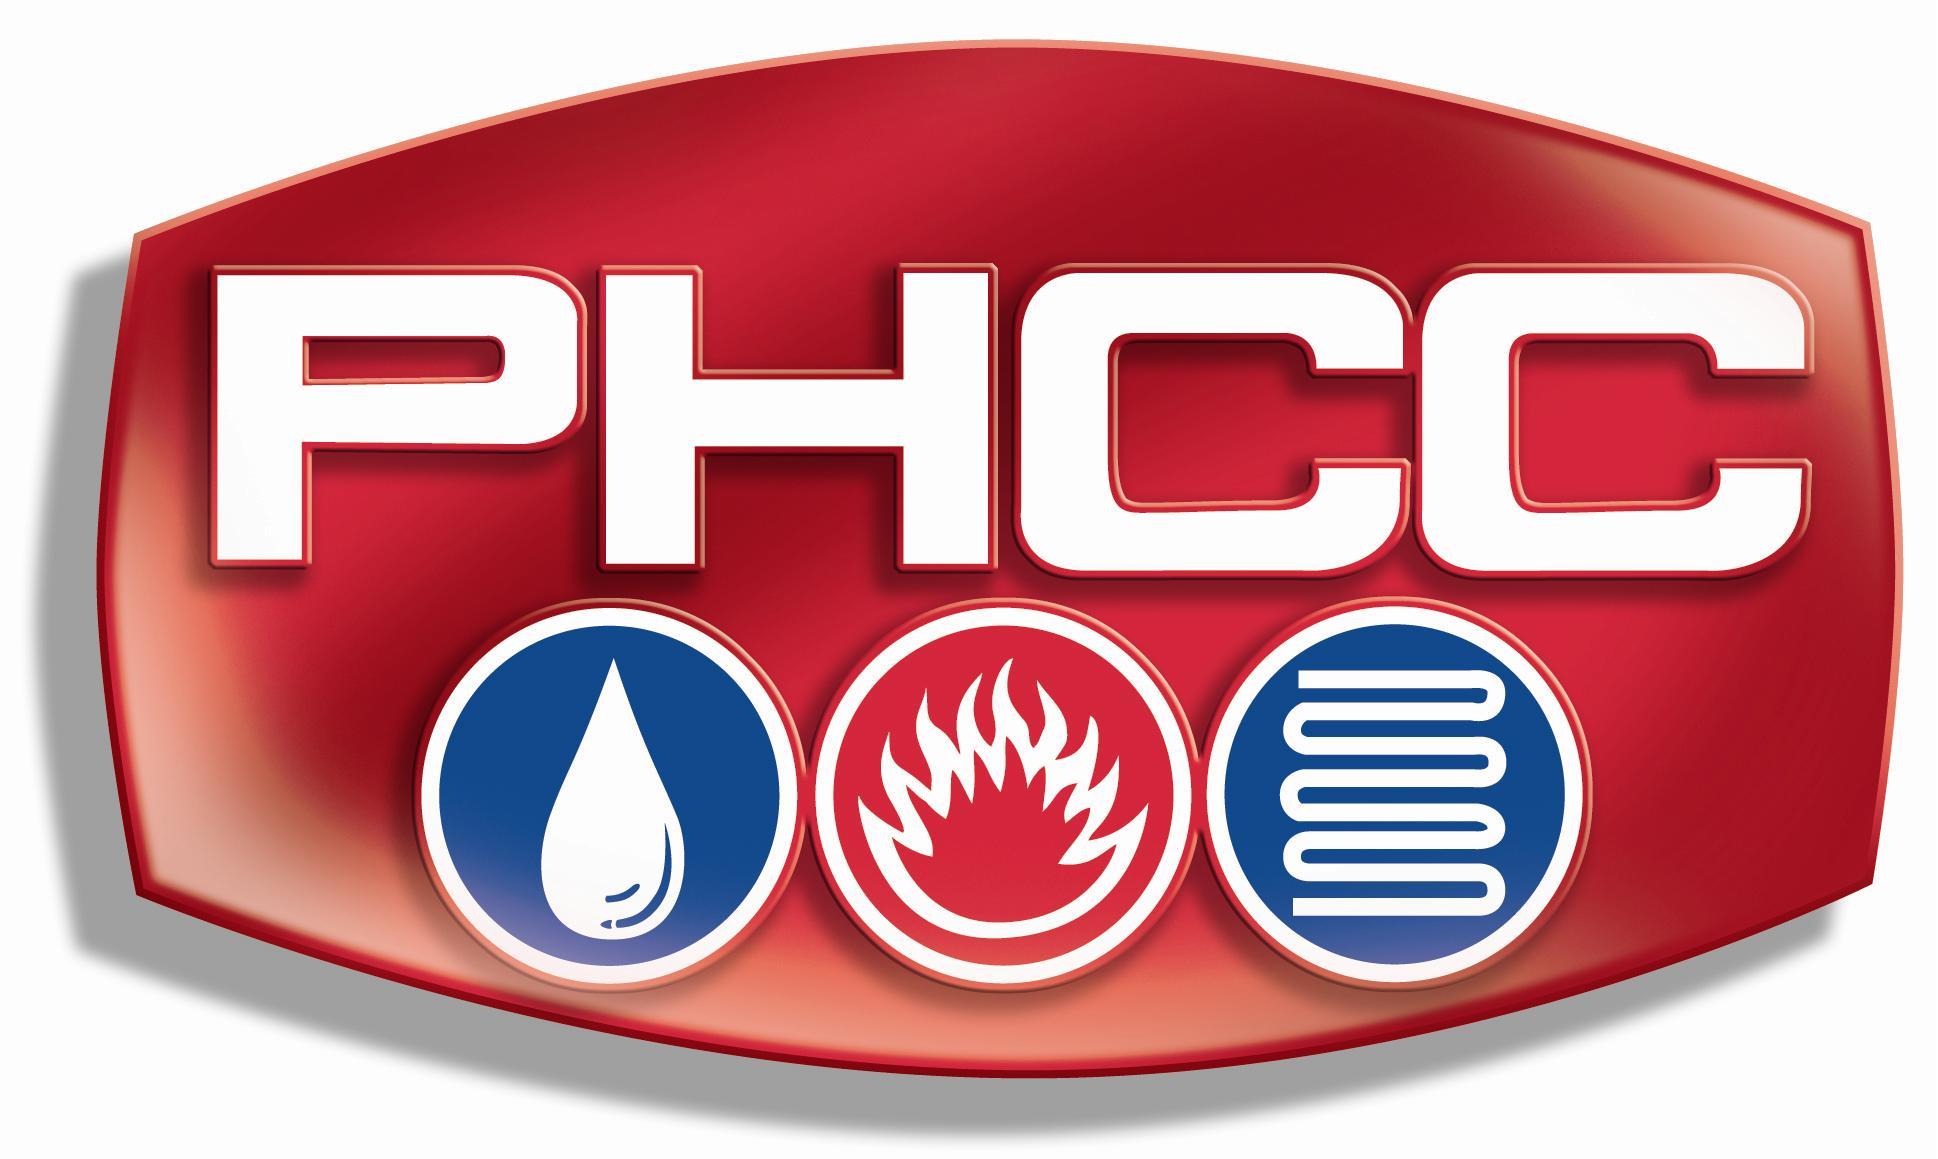 phcc.jpg